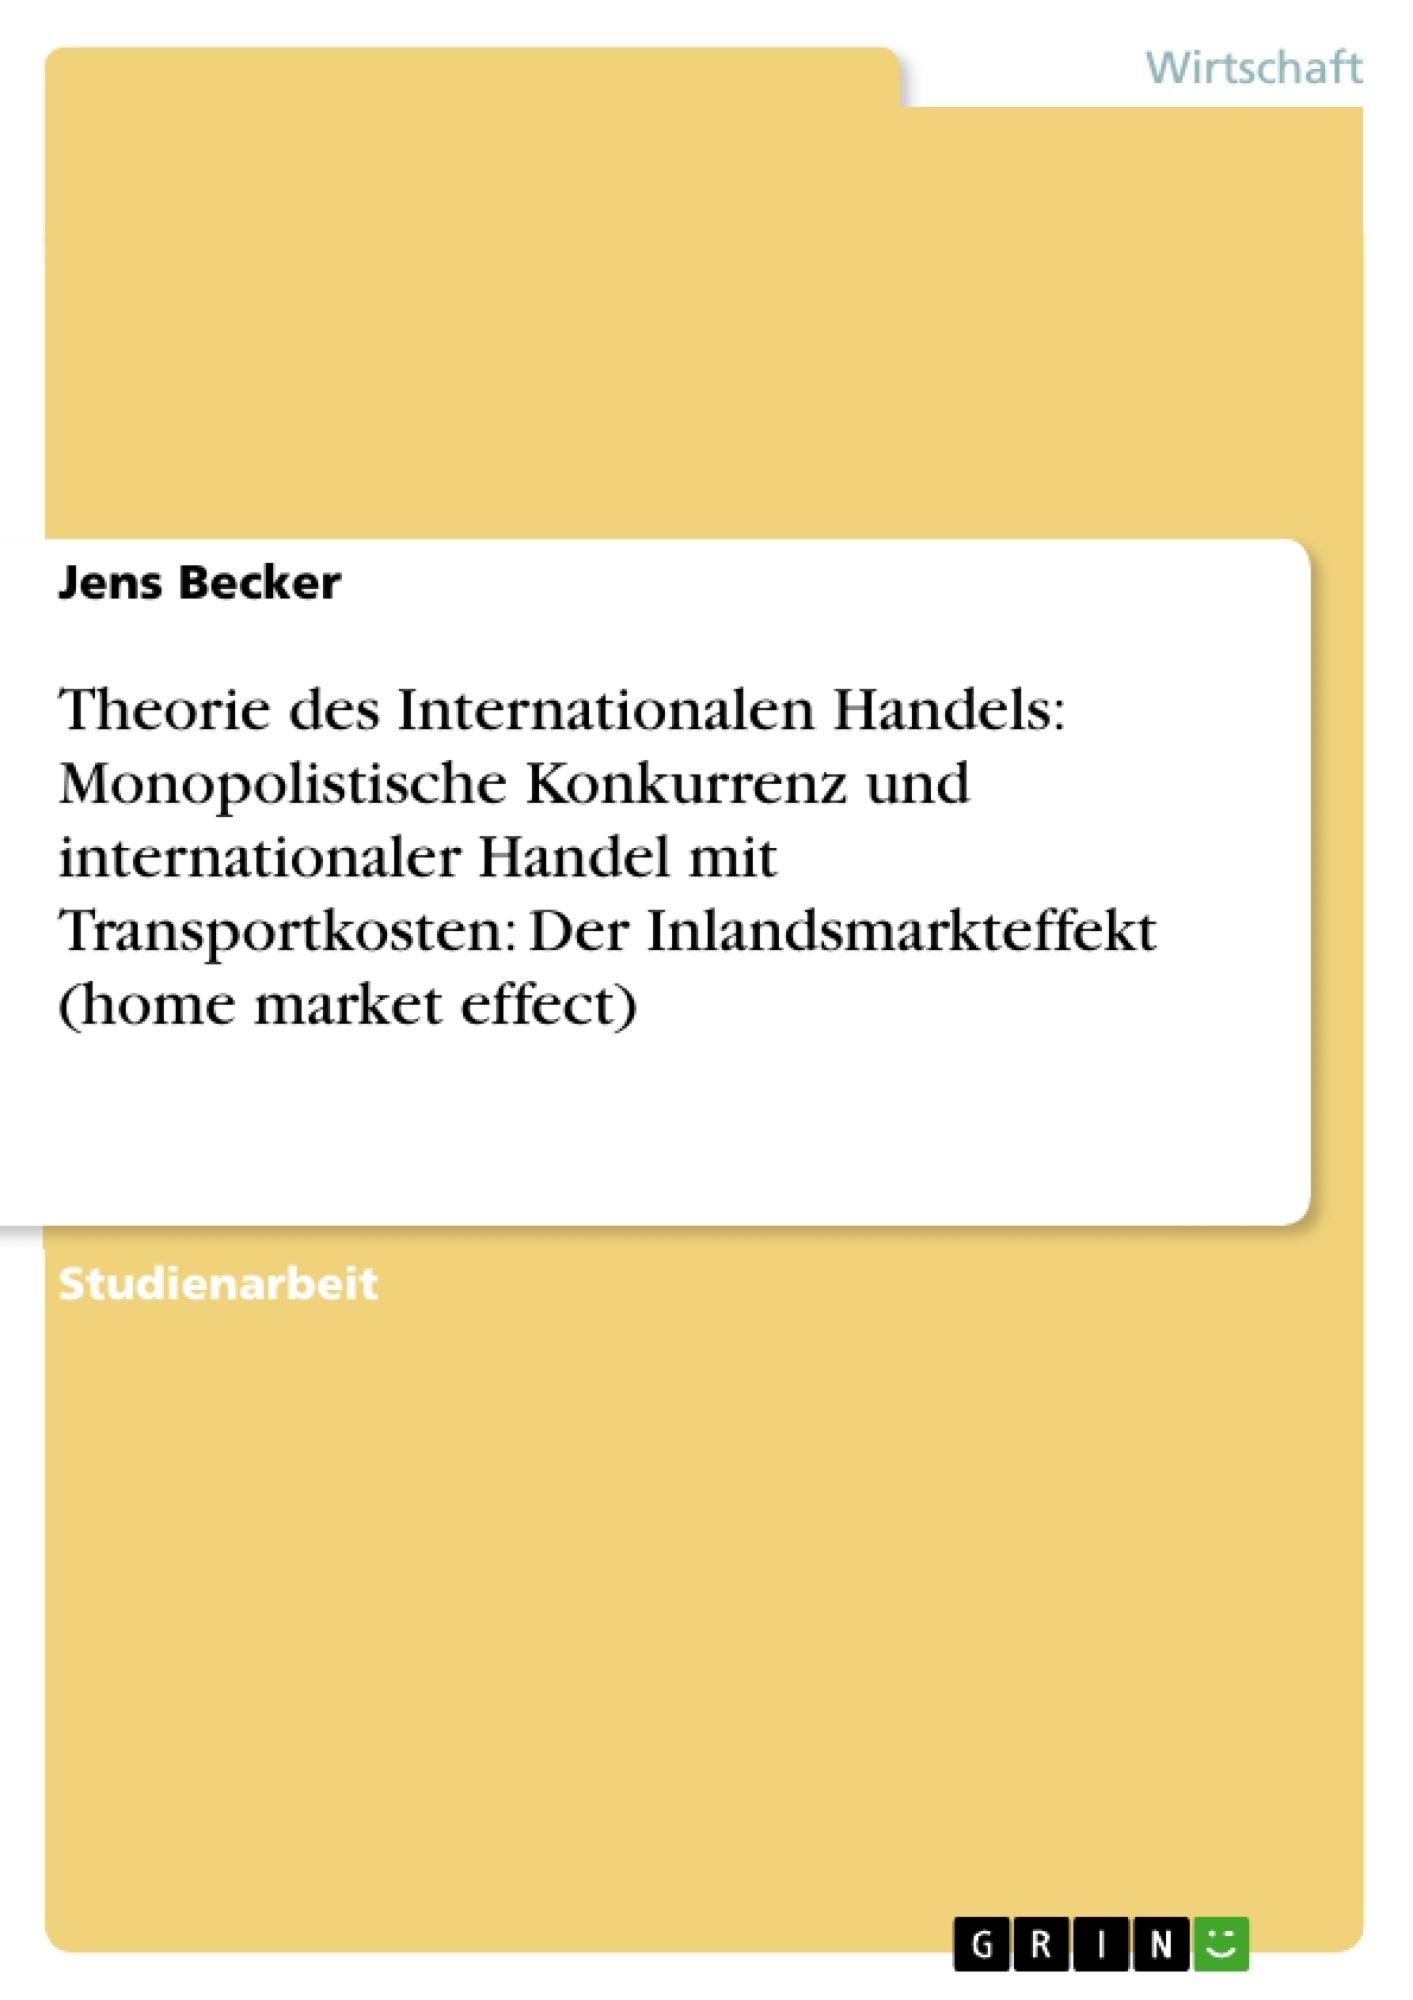 Titel: Theorie des Internationalen Handels: Monopolistische Konkurrenz und internationaler Handel mit Transportkosten: Der Inlandsmarkteffekt (home market effect)